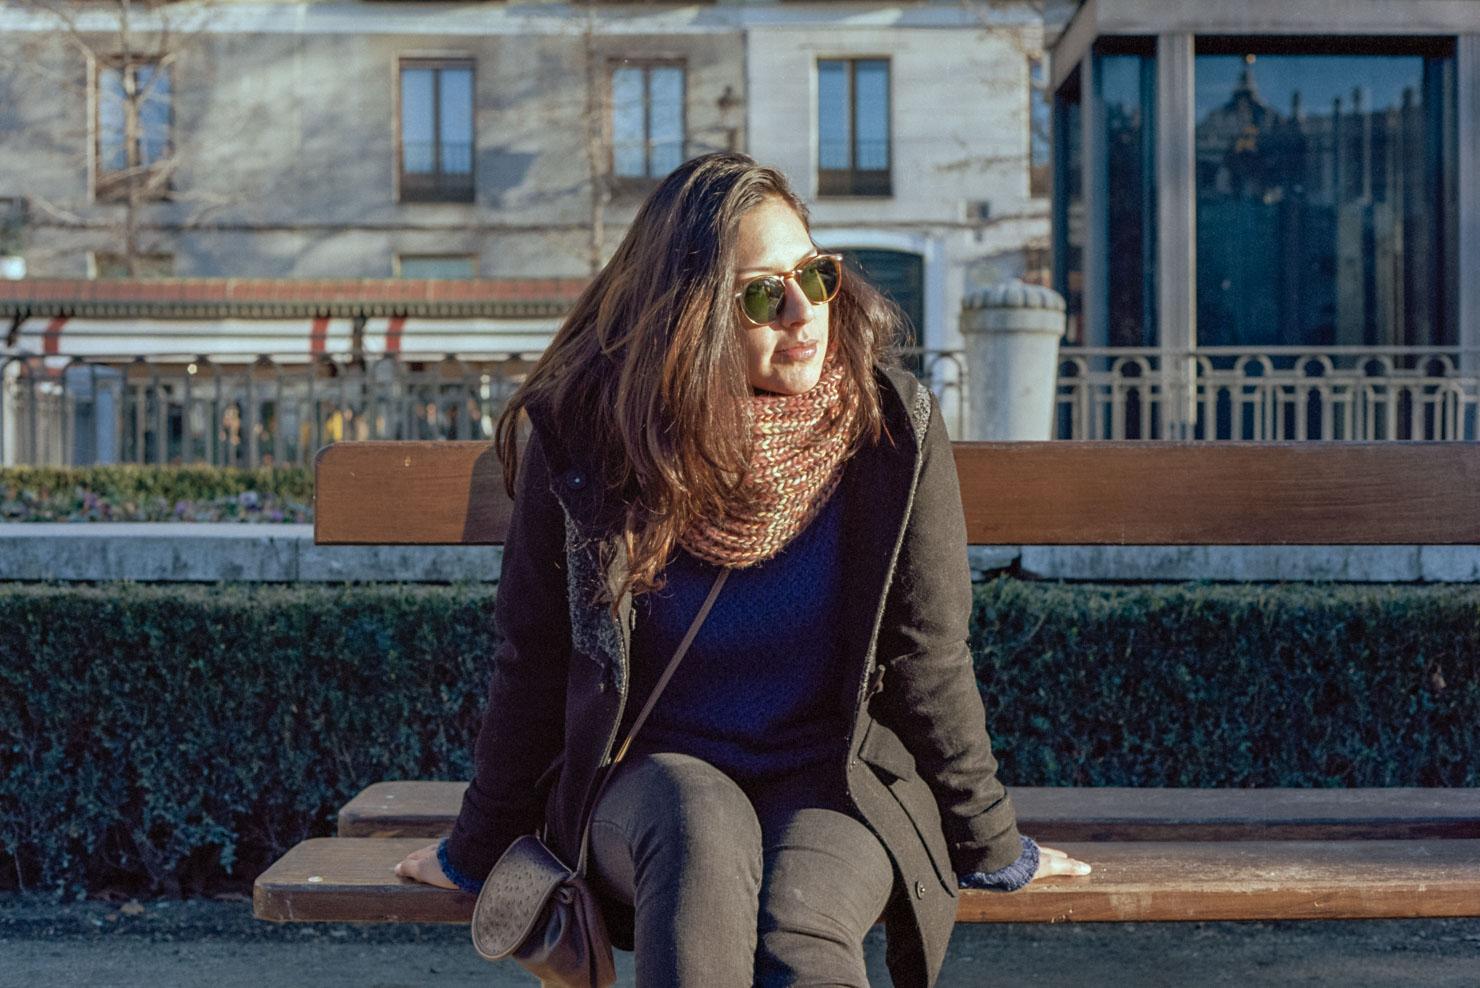 Miriam, Orient Square